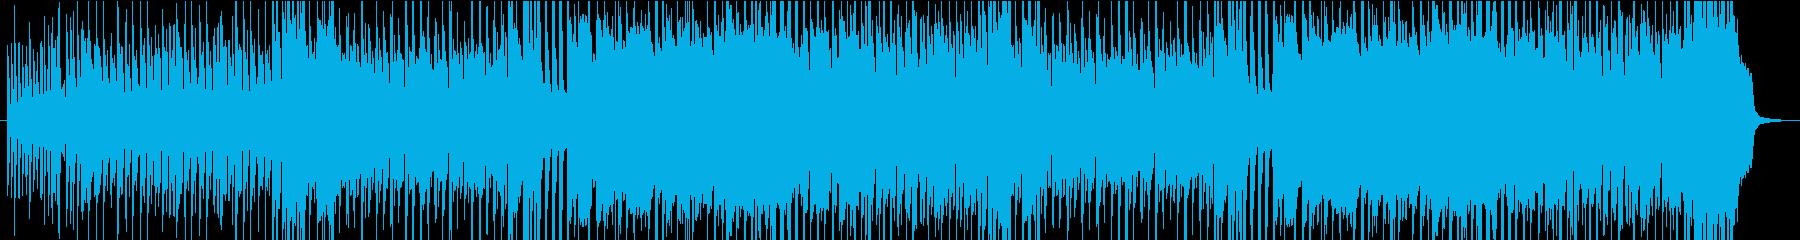 ポップ ロック 現代的 交響曲 ク...の再生済みの波形